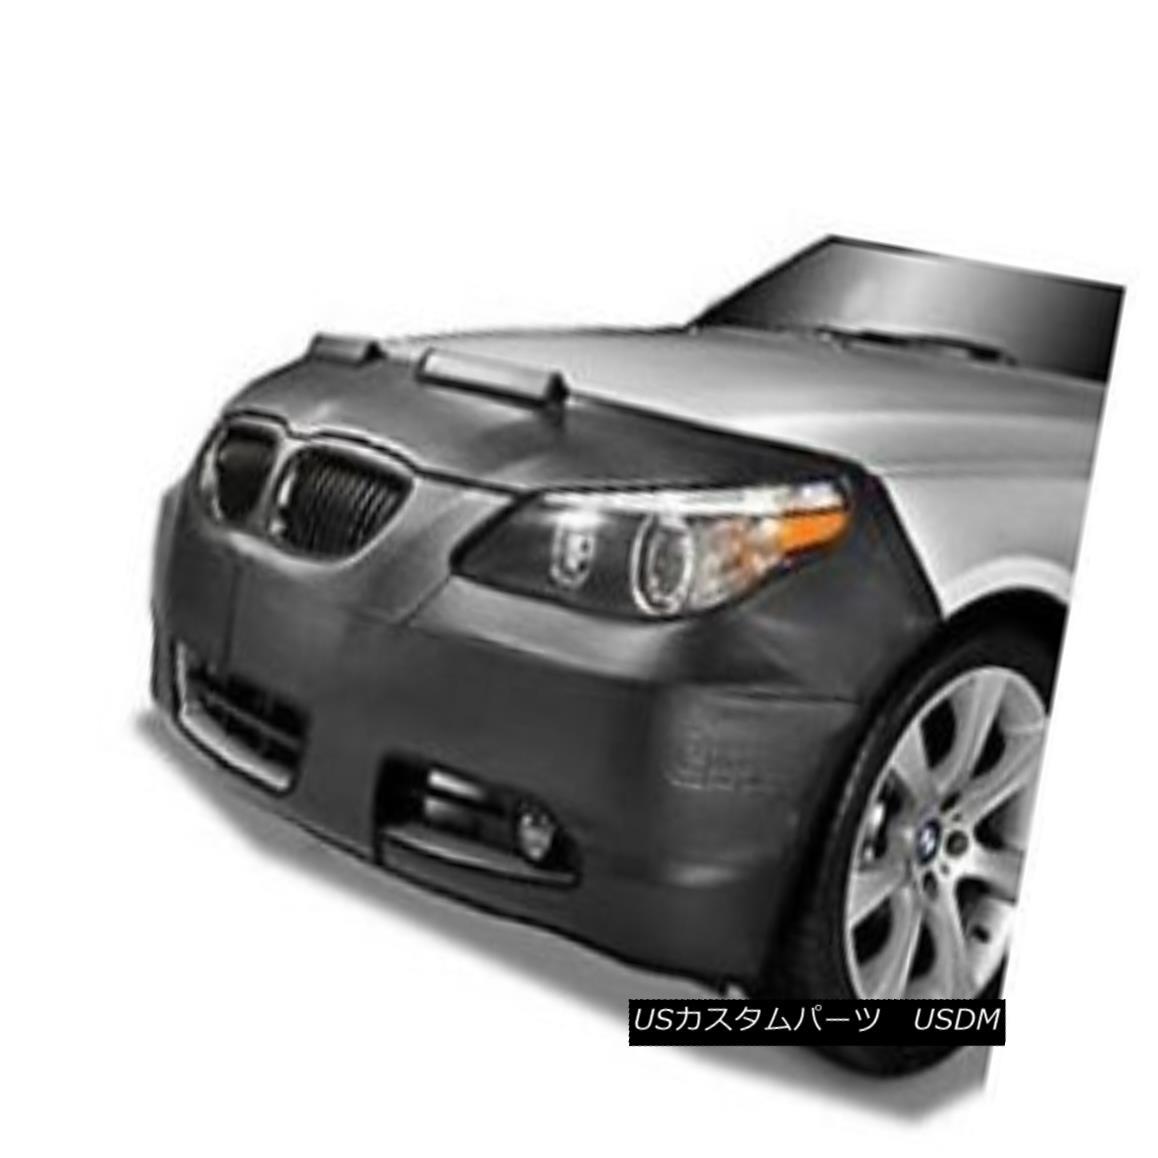 フルブラ ノーズブラ Colgan Front End Mask Bra 2pc. Fits Acura TLX Sedan &TechPk 15-17 W/TAG, Sensors コルガンフロントエンドマスクブラ2pc Acura TLX Sedan&TechPk 15-17 W / TAG、センサーに適合